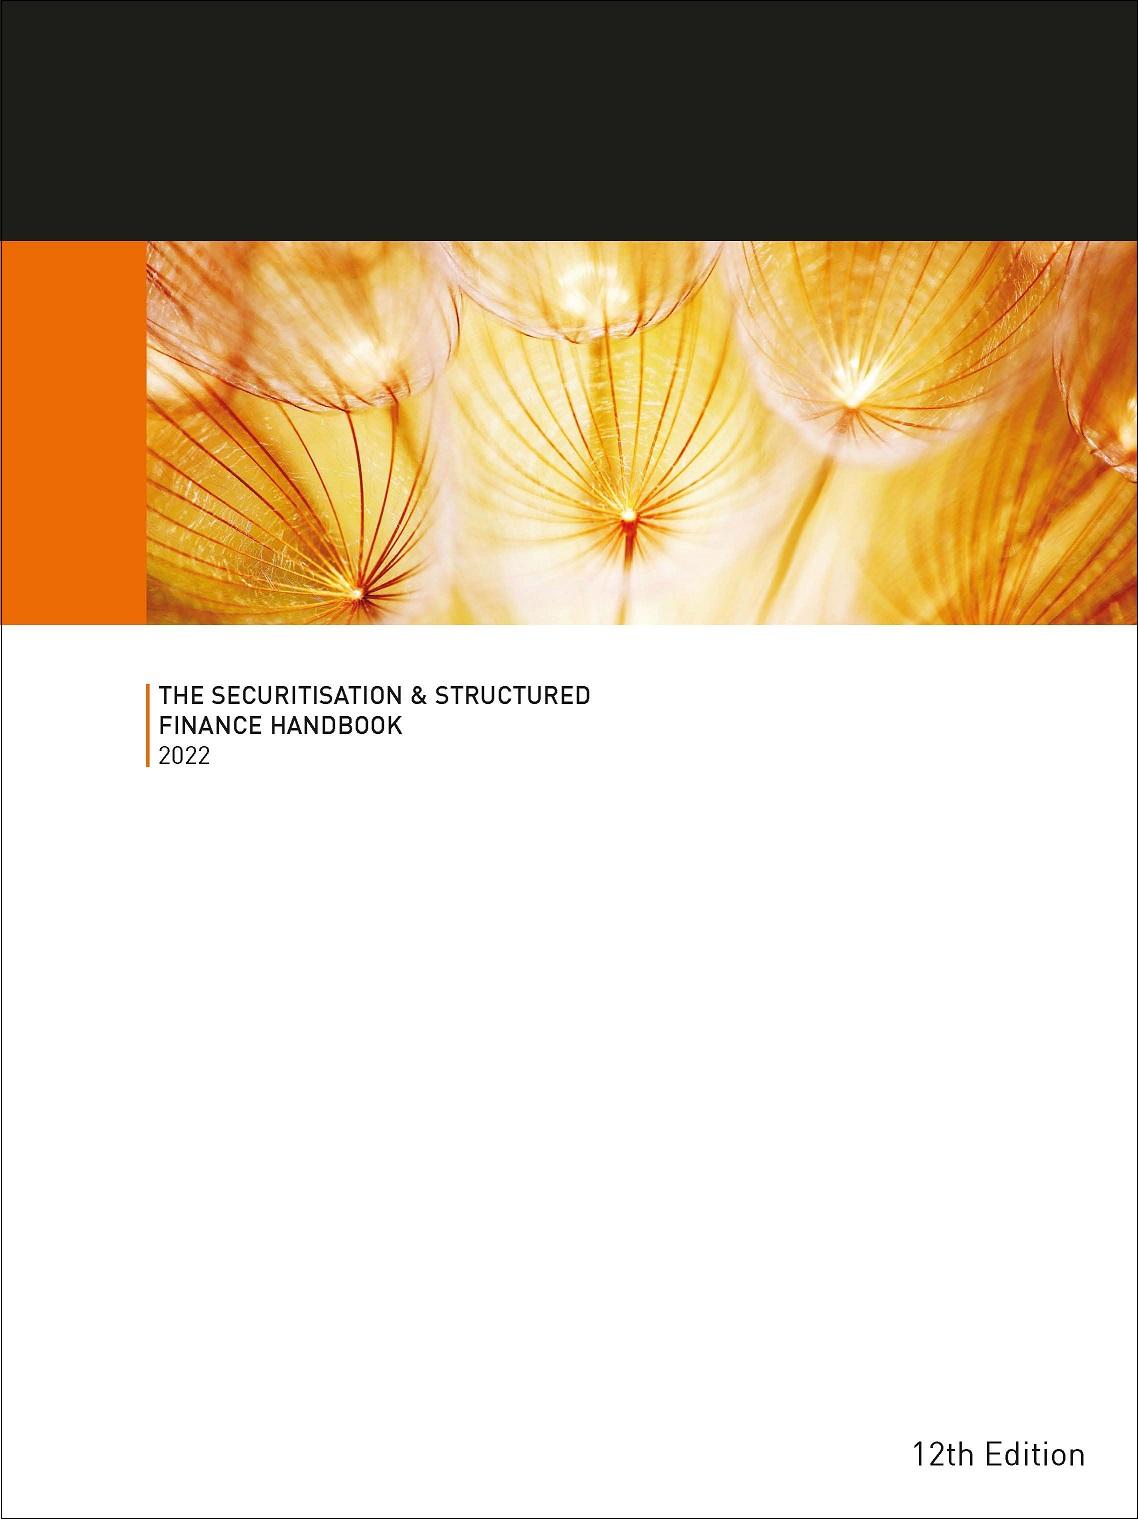 Securitisation & Structured Finance Handbook 2022